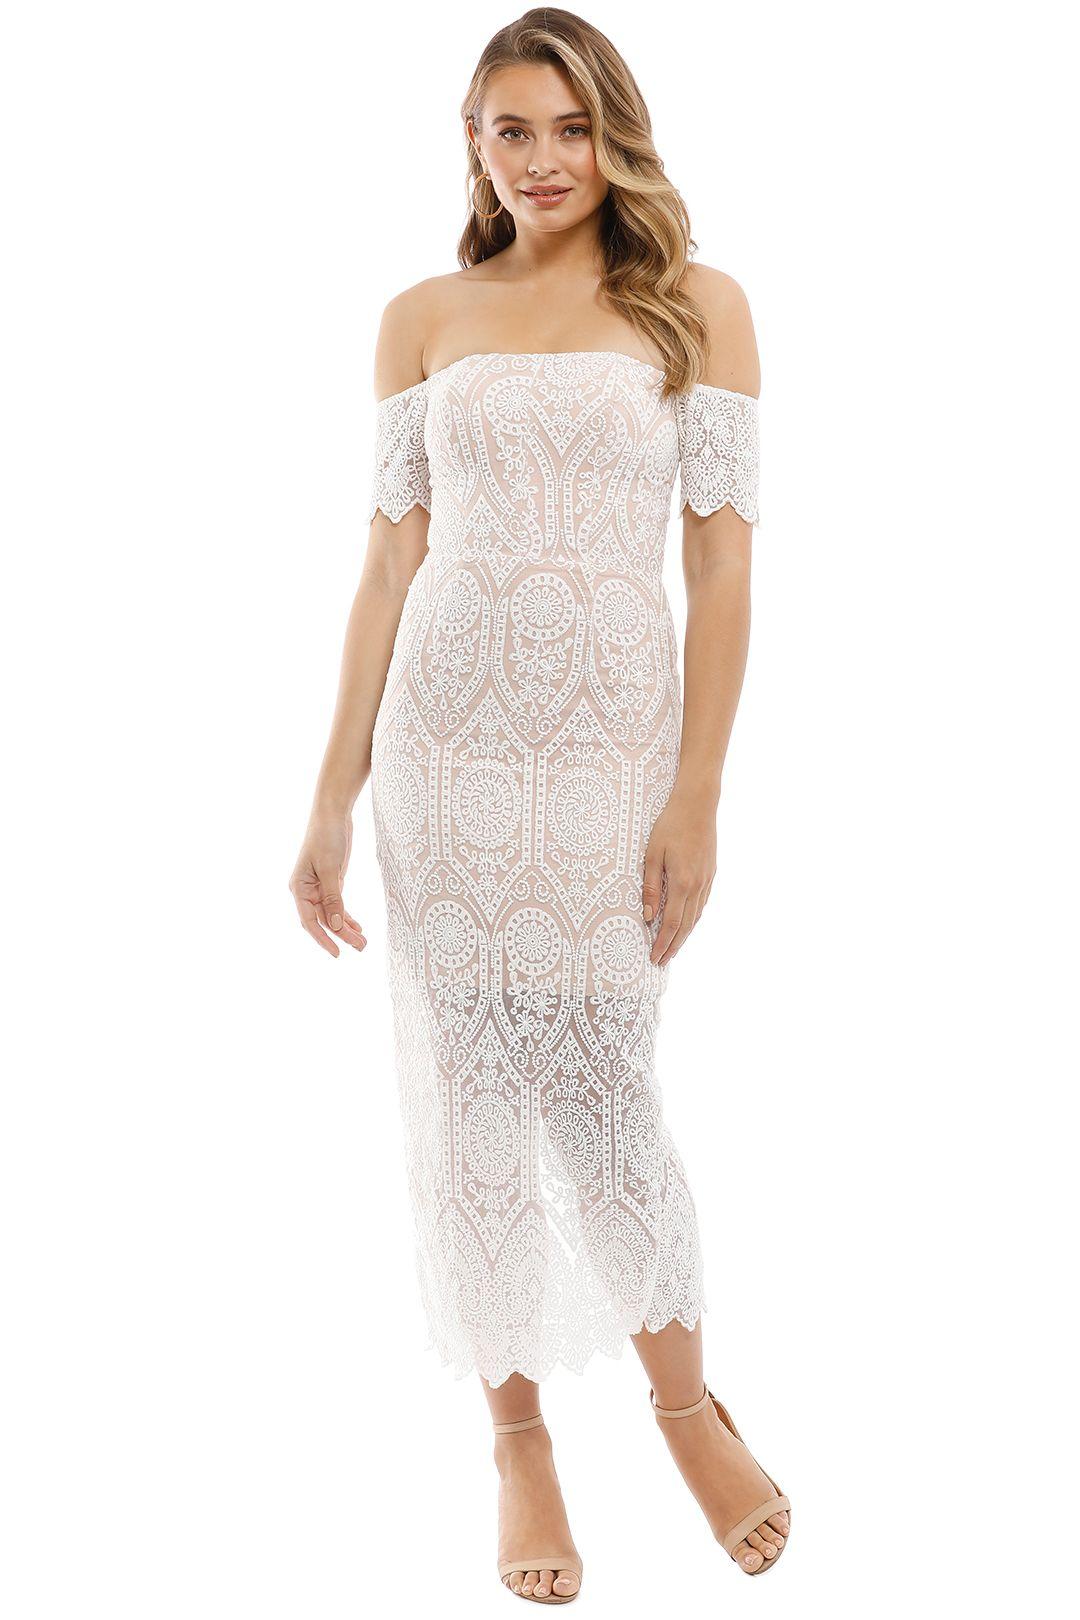 Elle Zeitoune - Emmanuelle Dress - White - Front